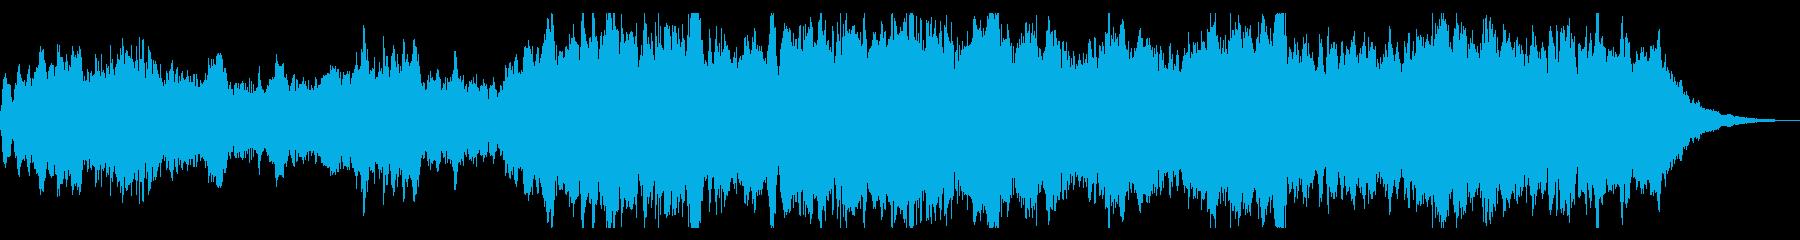 シネマチック、ダークなオープニングの再生済みの波形